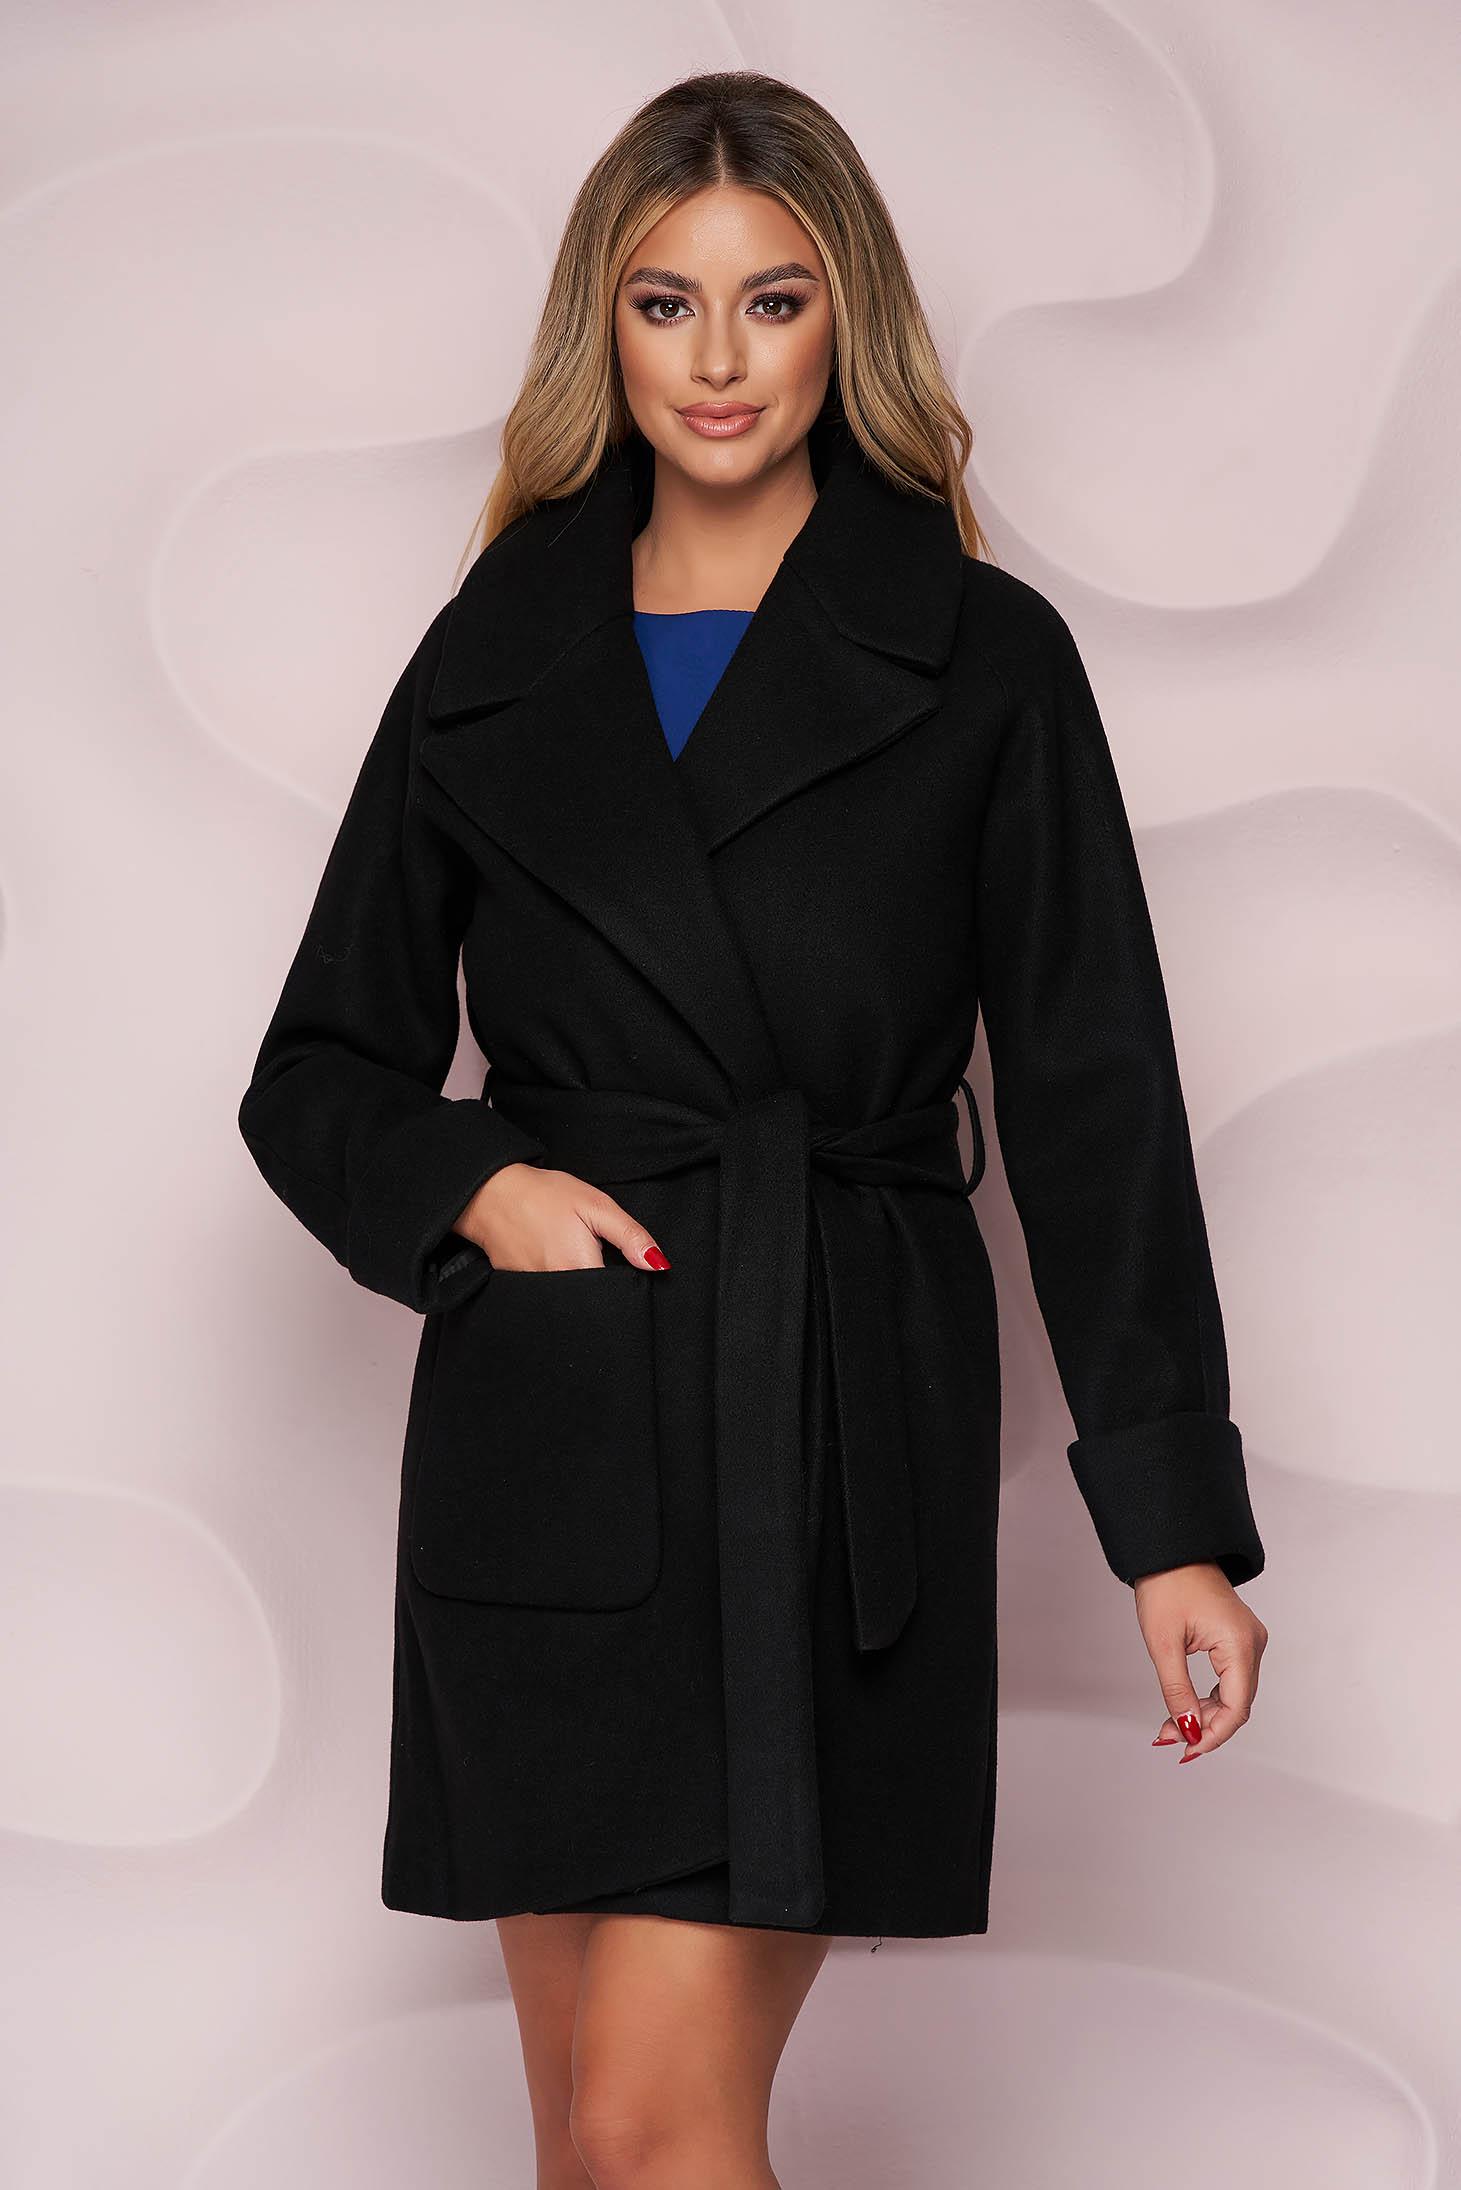 Fekete irodai egyenes szabású kabát vastag finom tapintású anyagból eltávolítható övvel